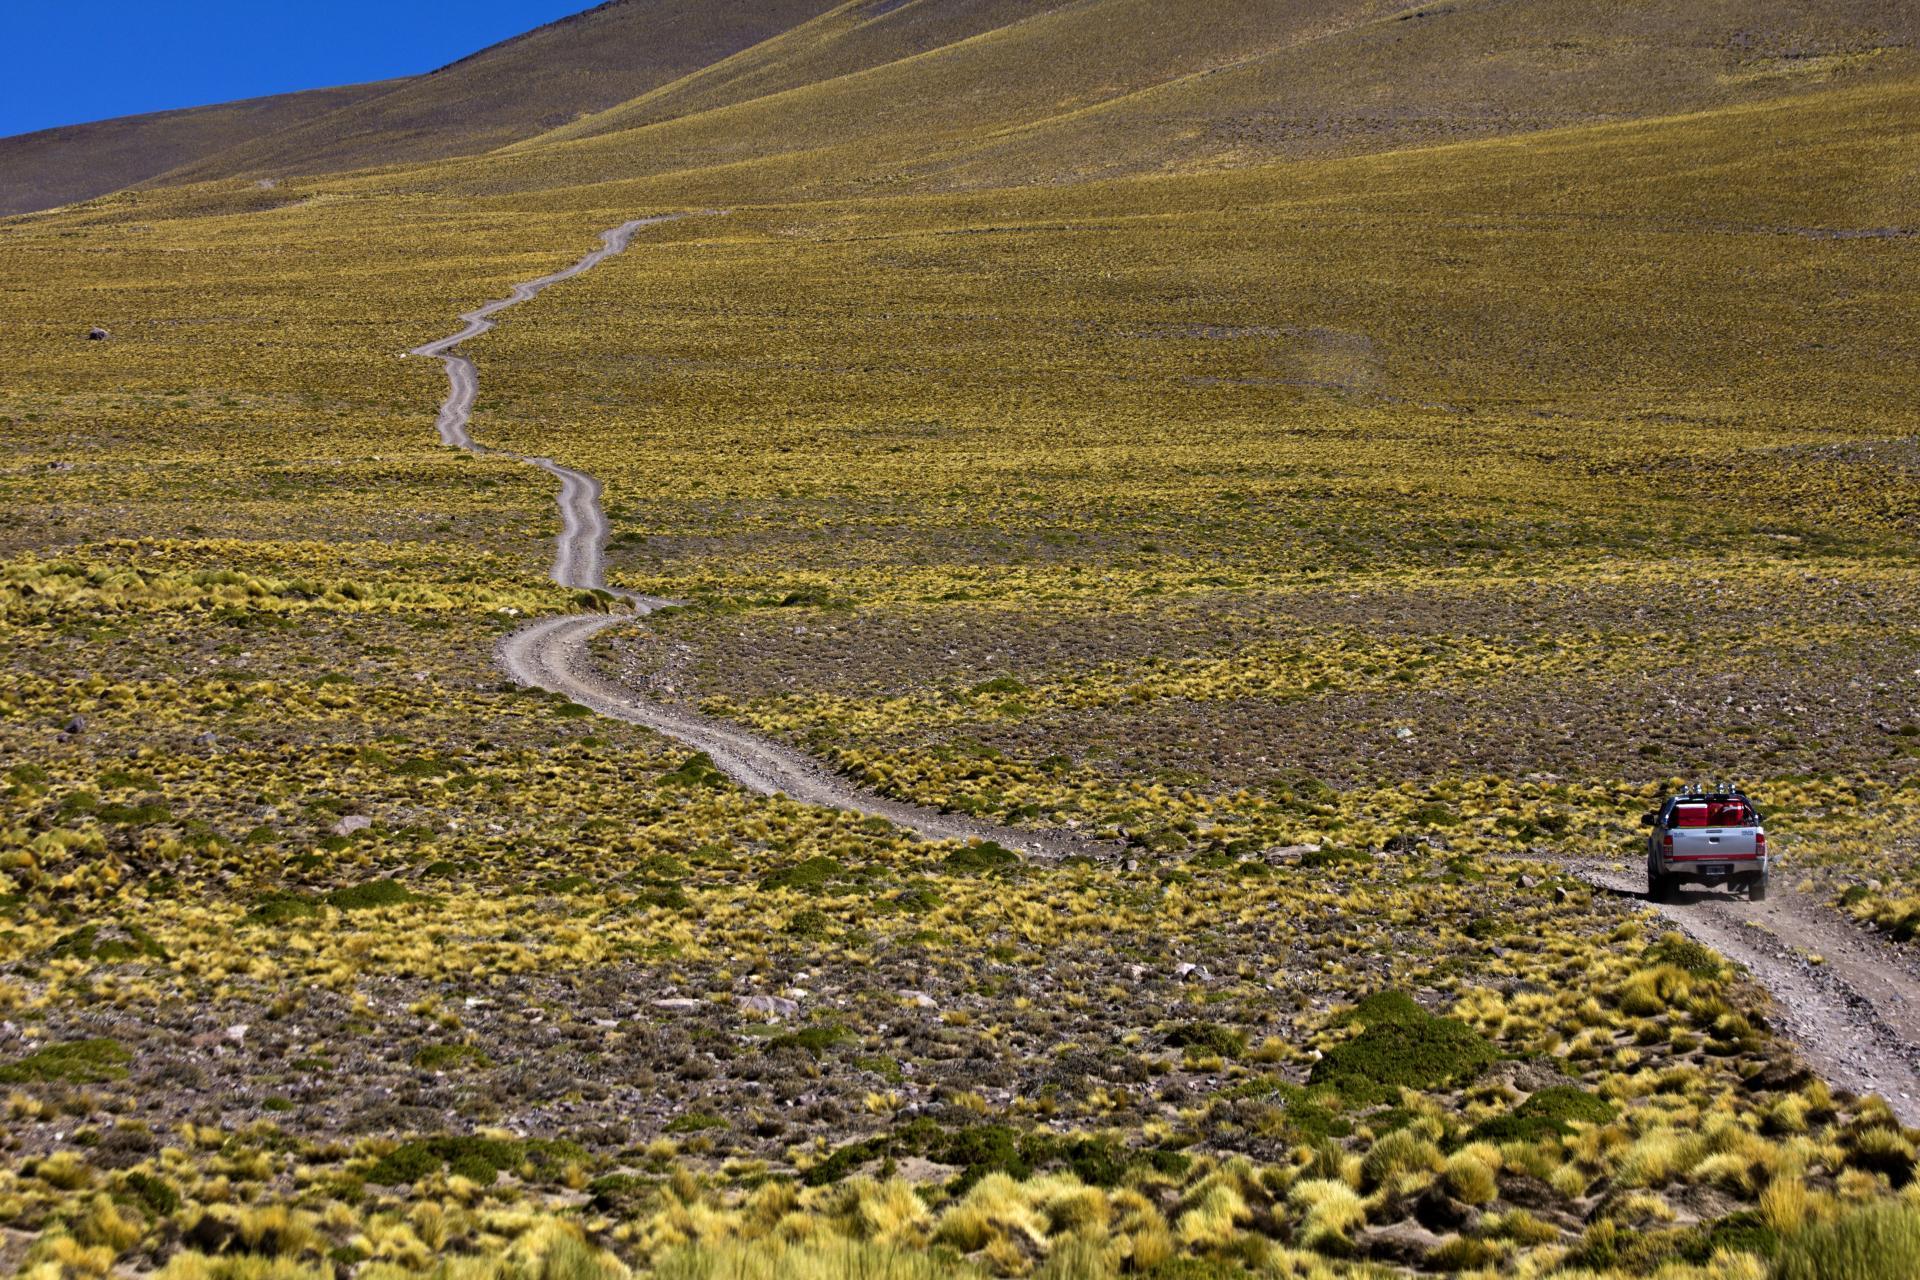 Entdecken Sie die Puna Wüste Argentiniens auf einer Rundreise mit uns